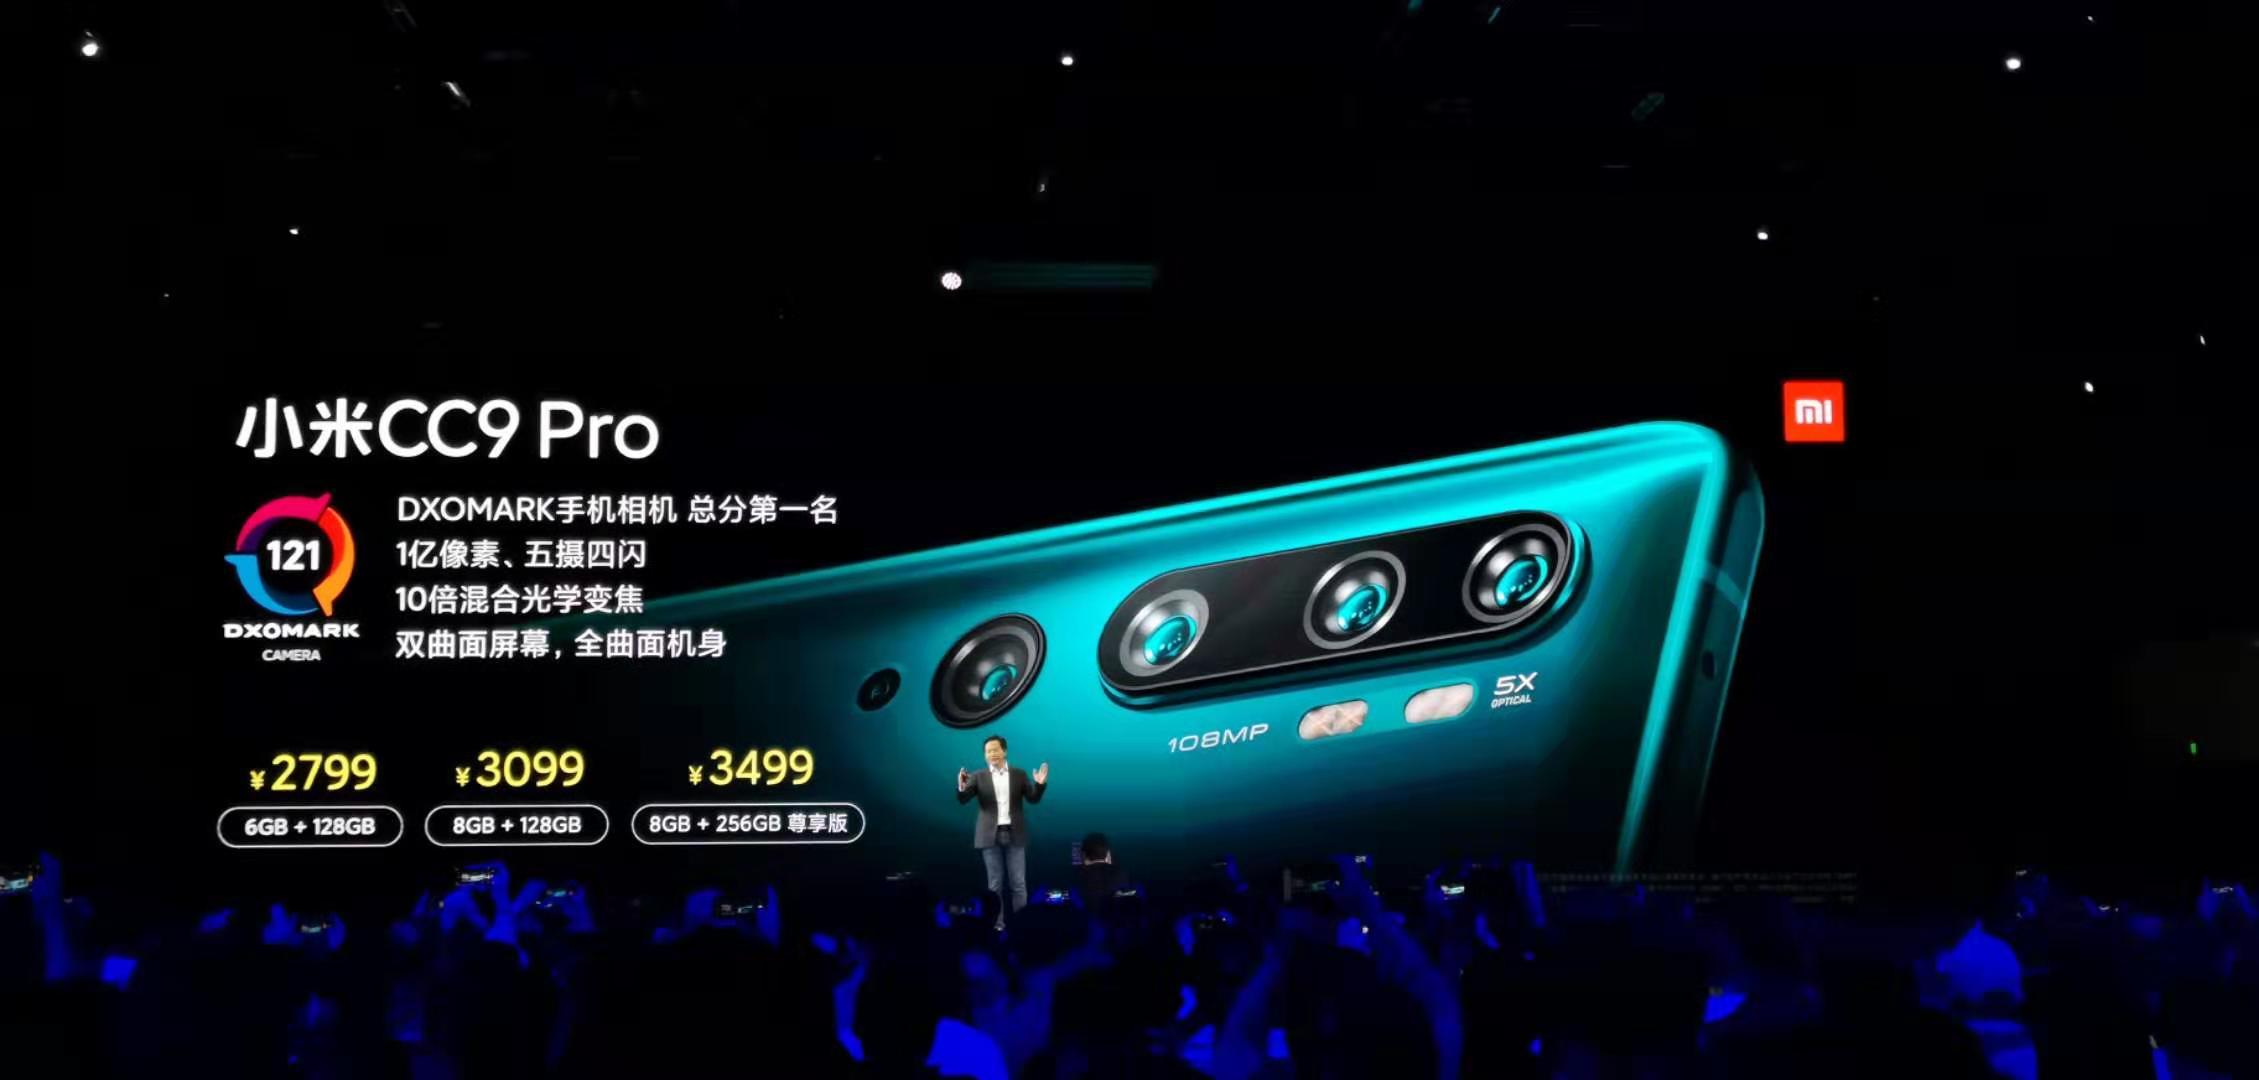 首發1億像素五攝 小米CC9 Pro售價2799元起